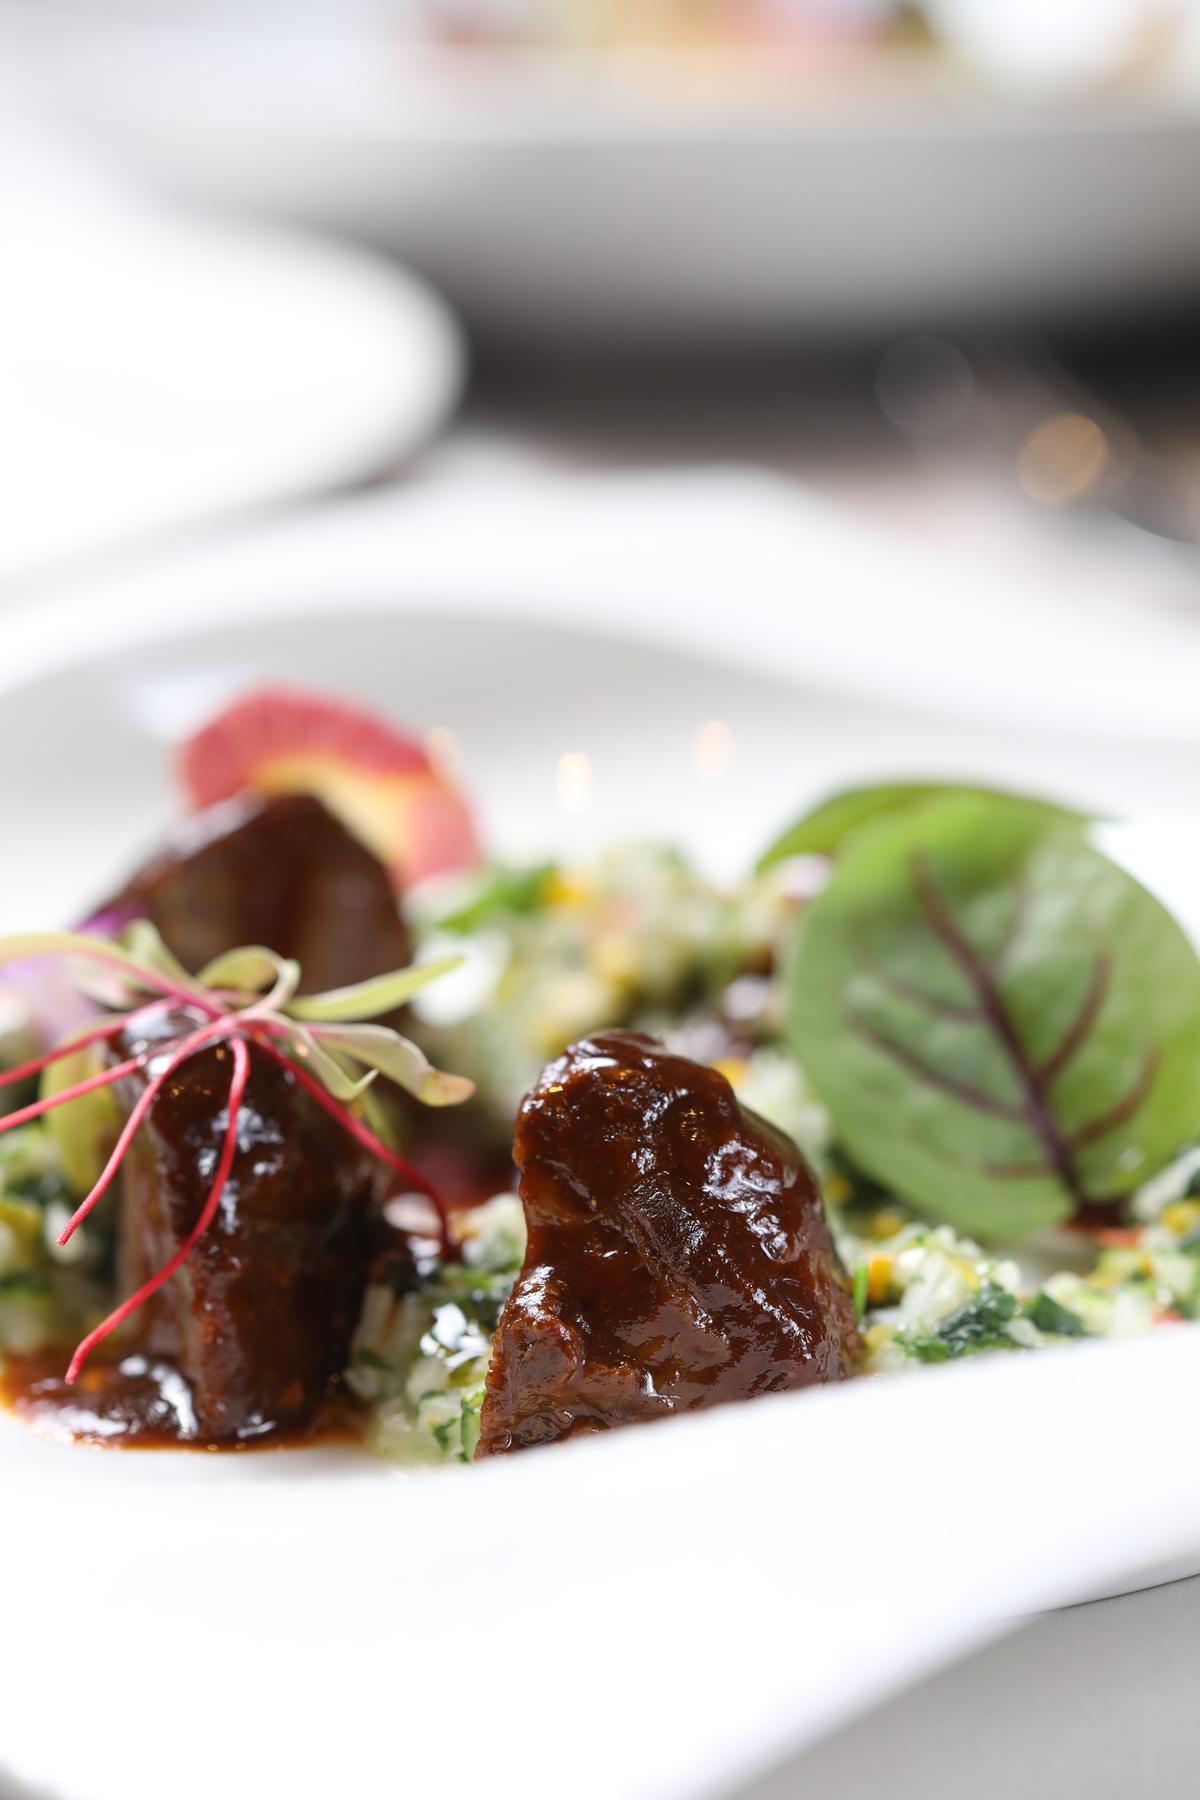 「法式燉盤克夏豬頰」選用稀有的盤克夏黑豬肉,搭配清爽的蔬菜燉飯。(320元/份)